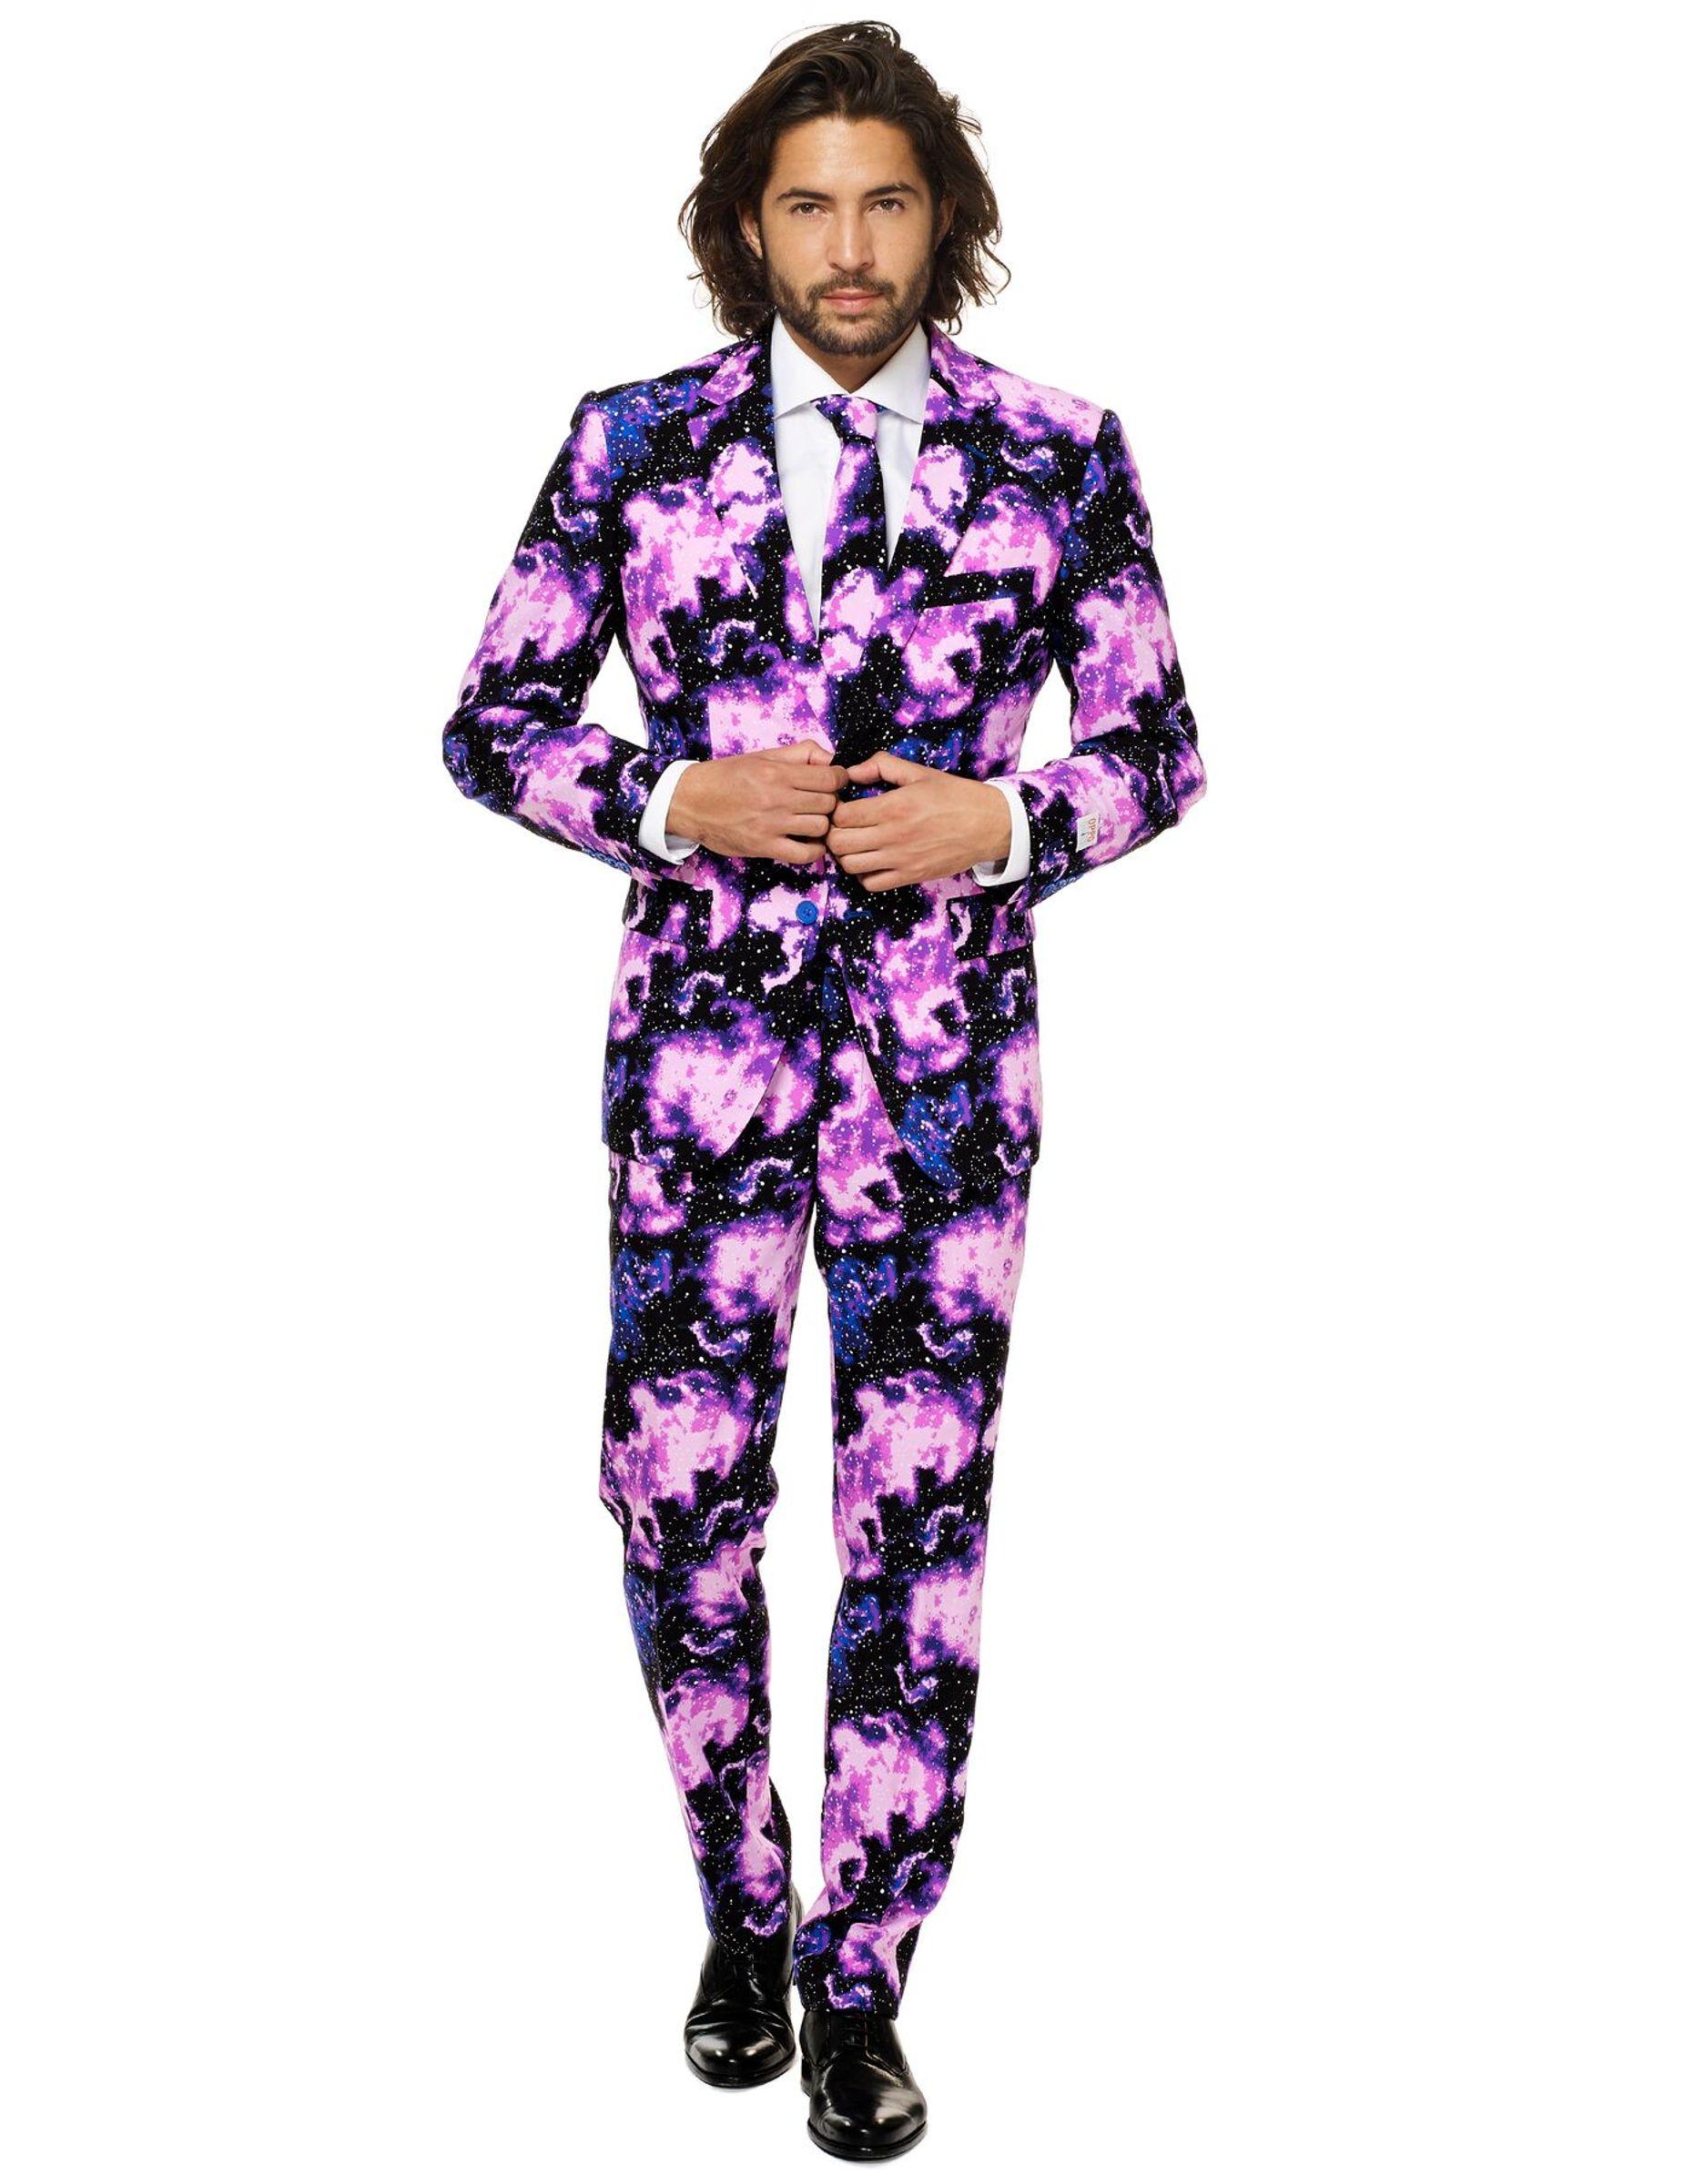 opposuits jakkesæt